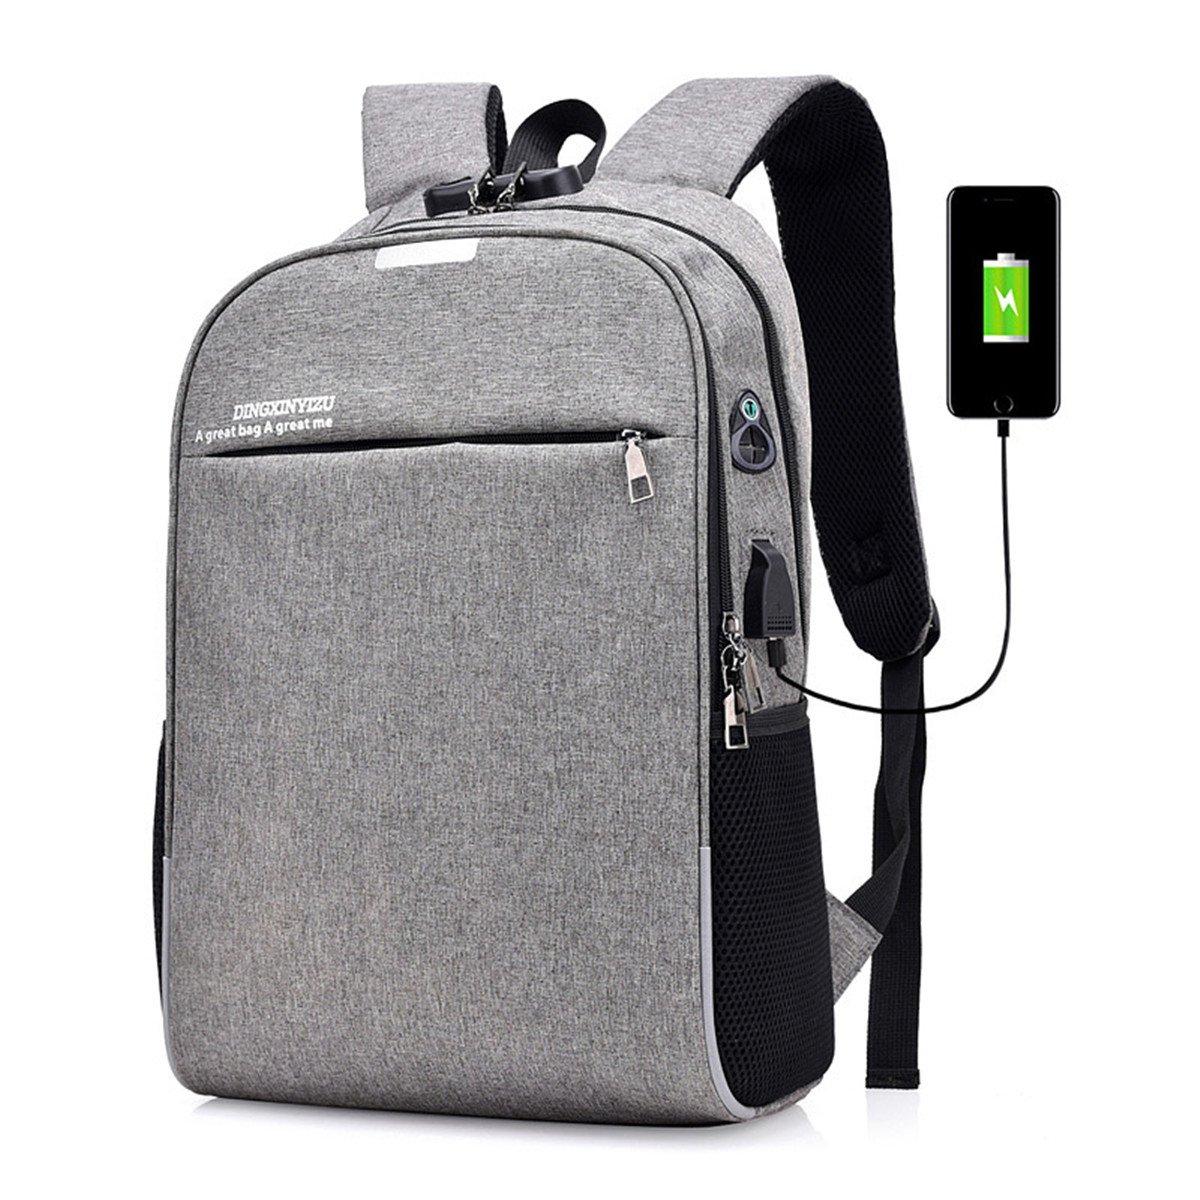 gris  LaDicha Sac D'Ordinateur portable Sac à Dos d'homme d'affaires D'Anti-Vol De L'Usb De La Charge Port - gris